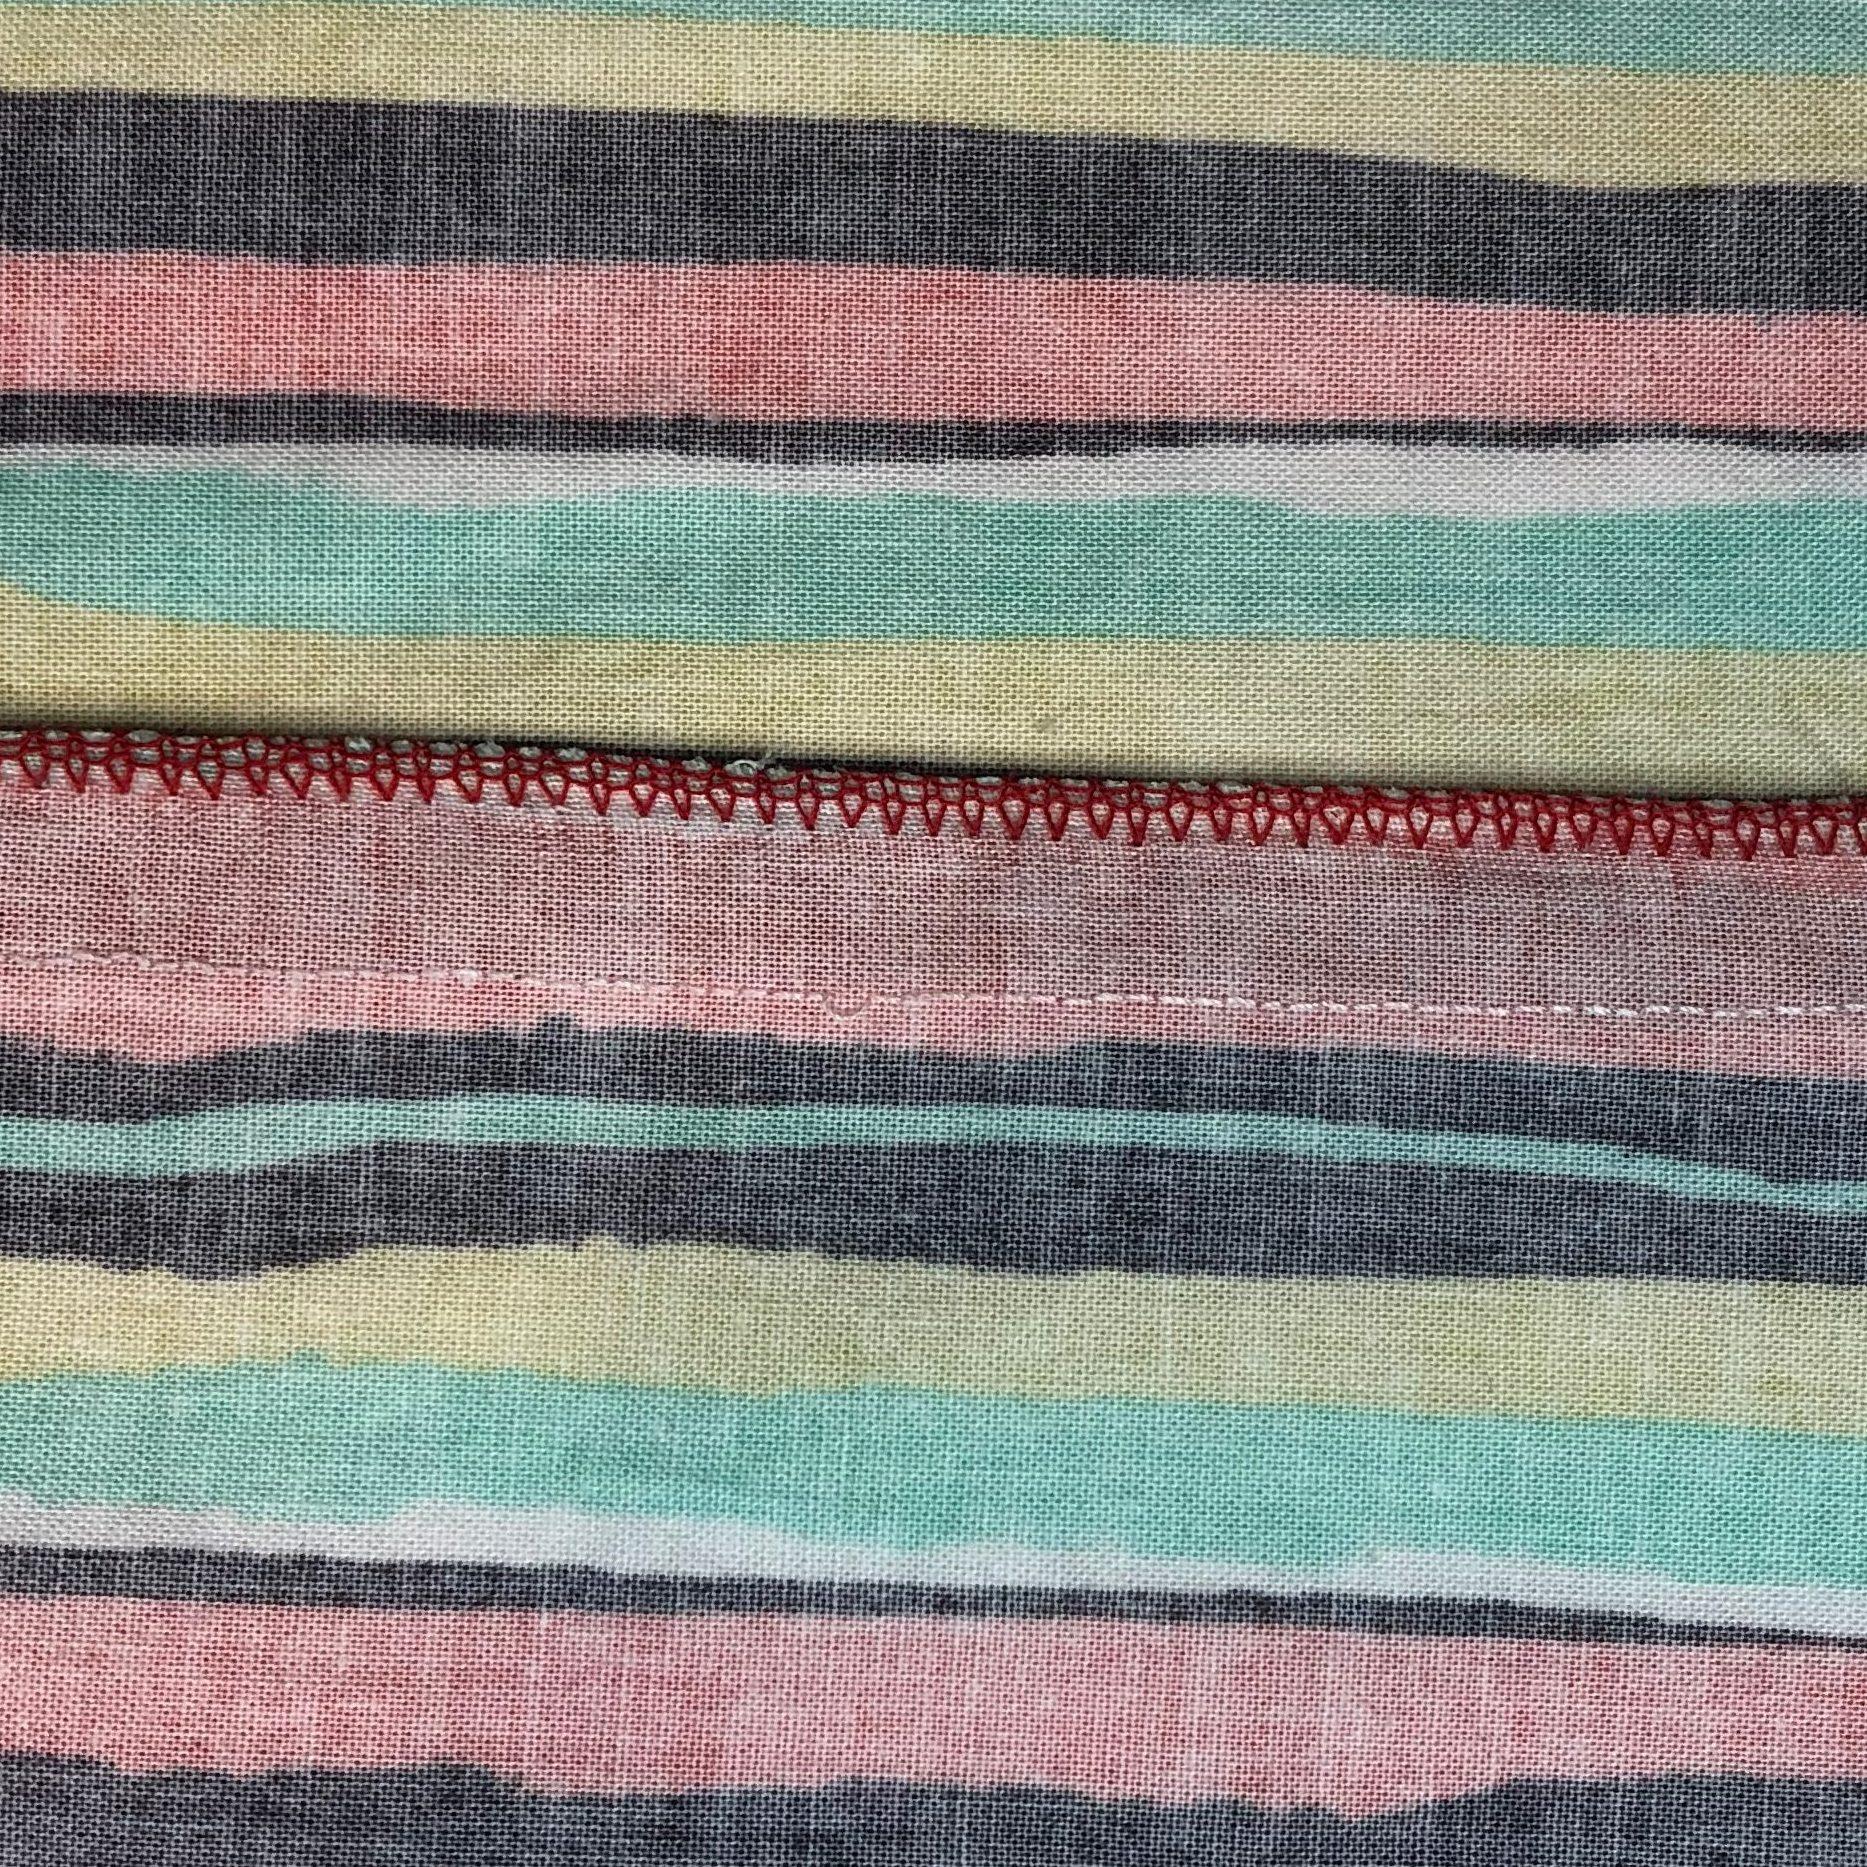 3 thread seared seam